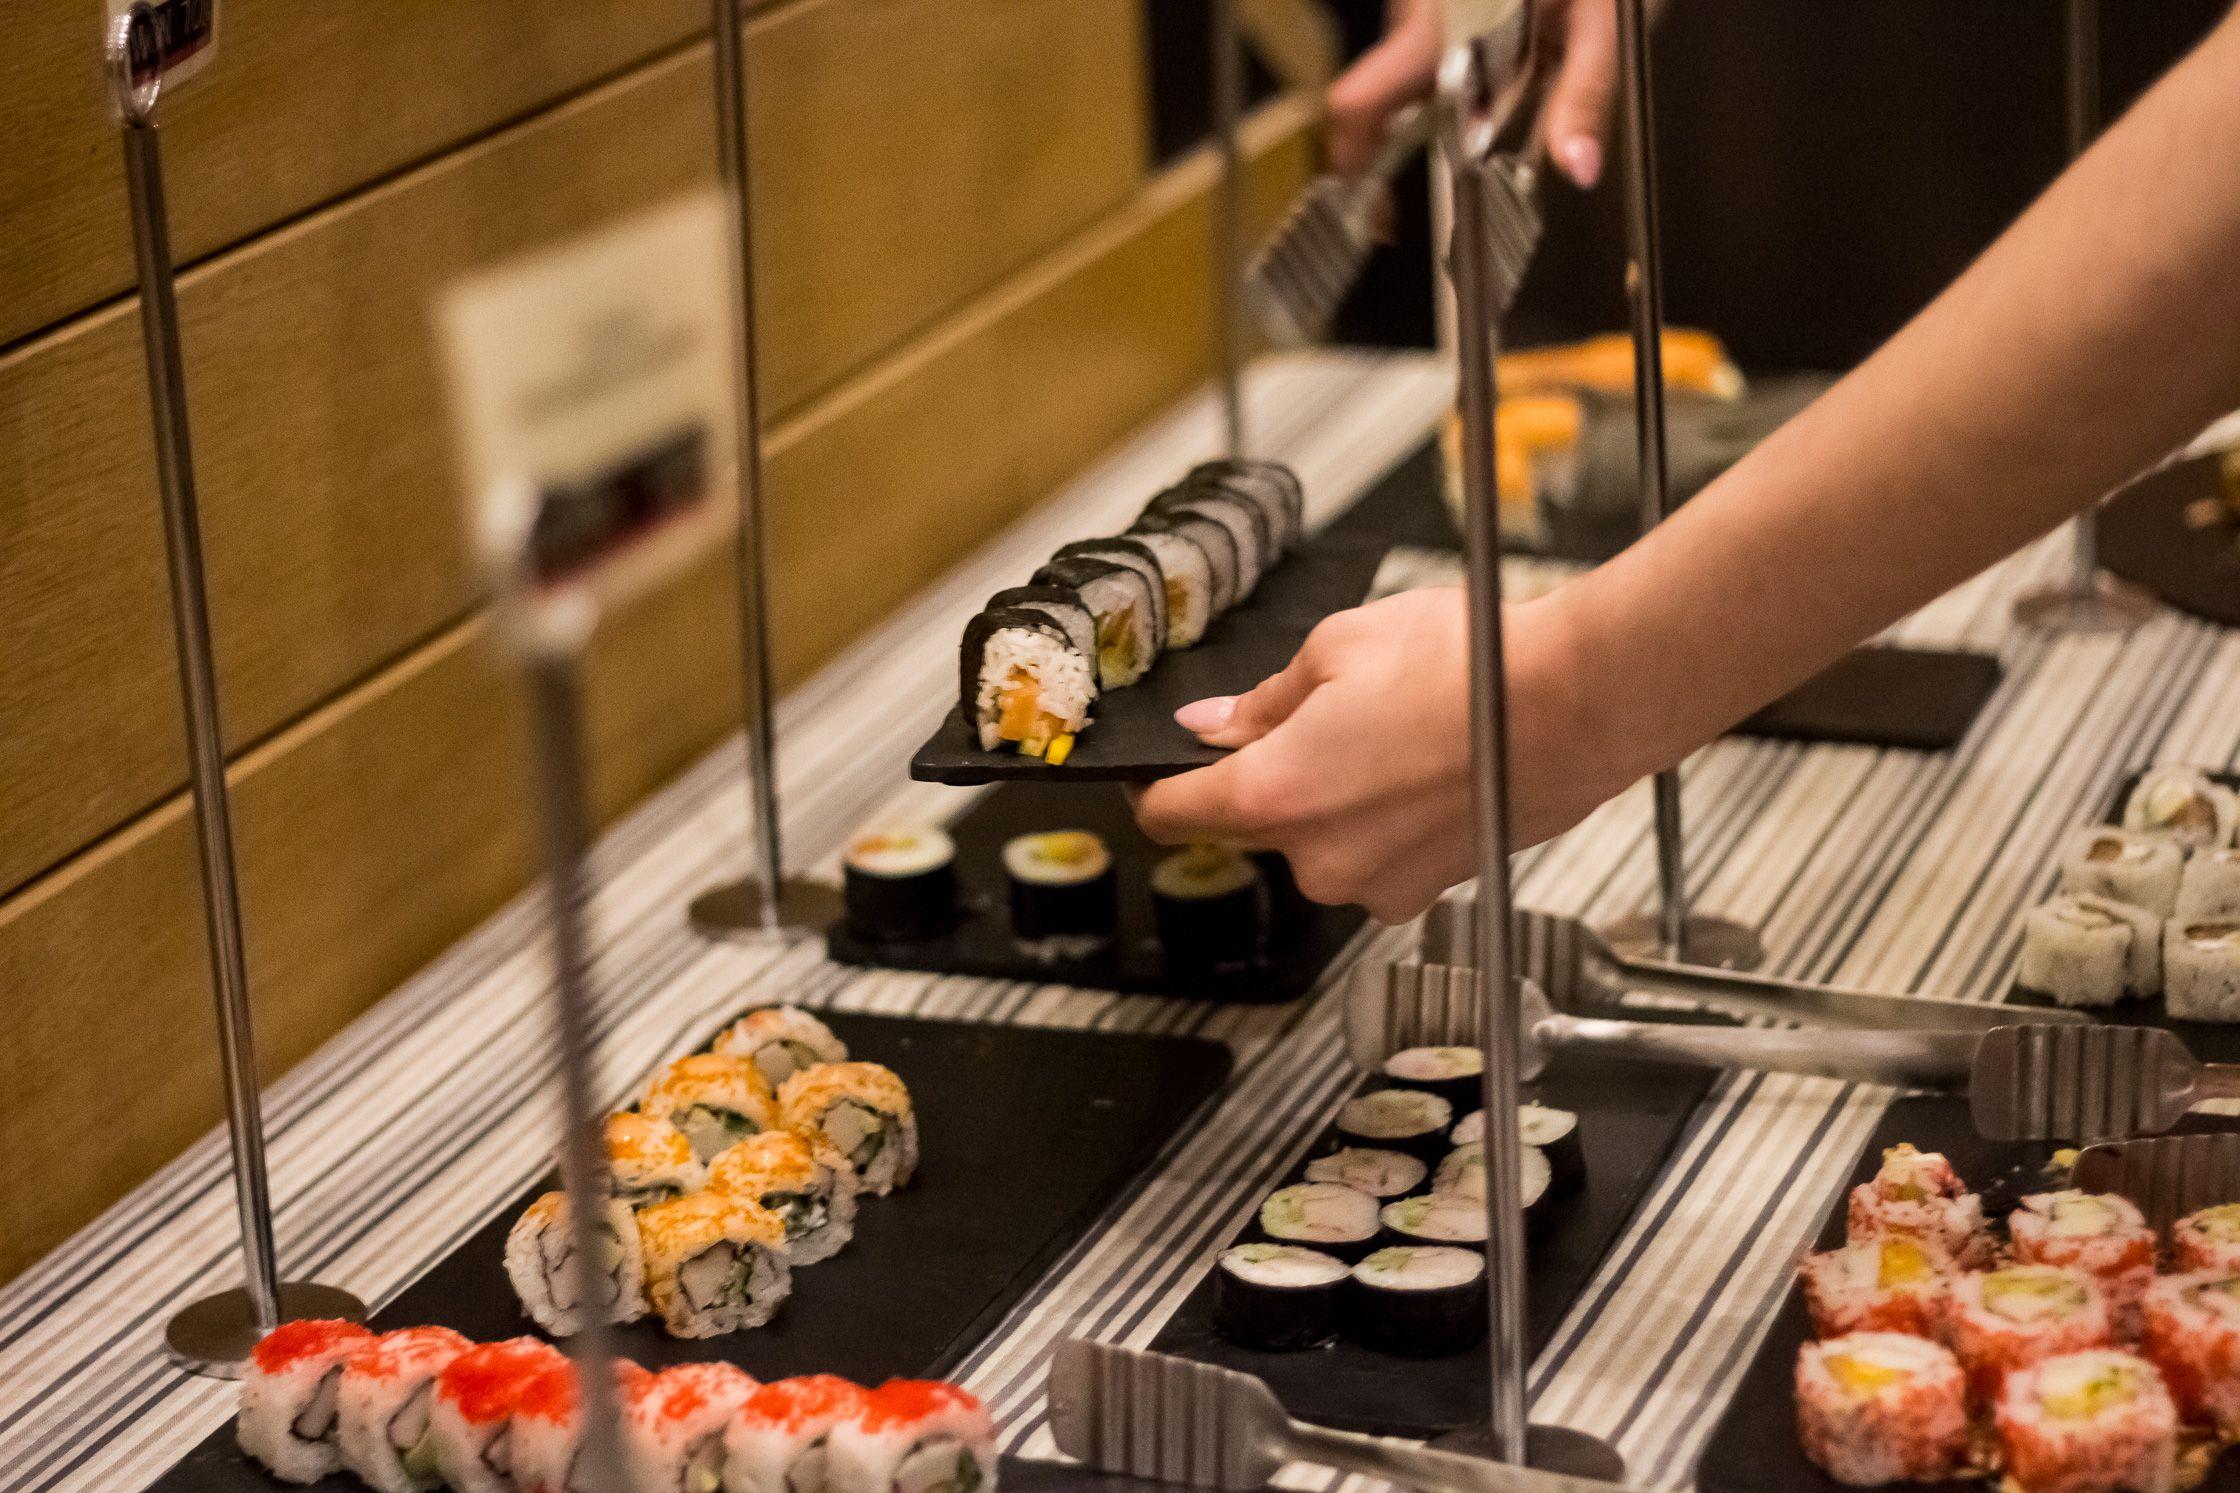 Κάθε Τετάρτη από τις 19:30 μέχρι τις 23:30 Sushi μπουφέ με 18€/άτομο στο Ασιατικό Εστιατόριο Won Ton - ιαπωνικο φαγητο - σουσι